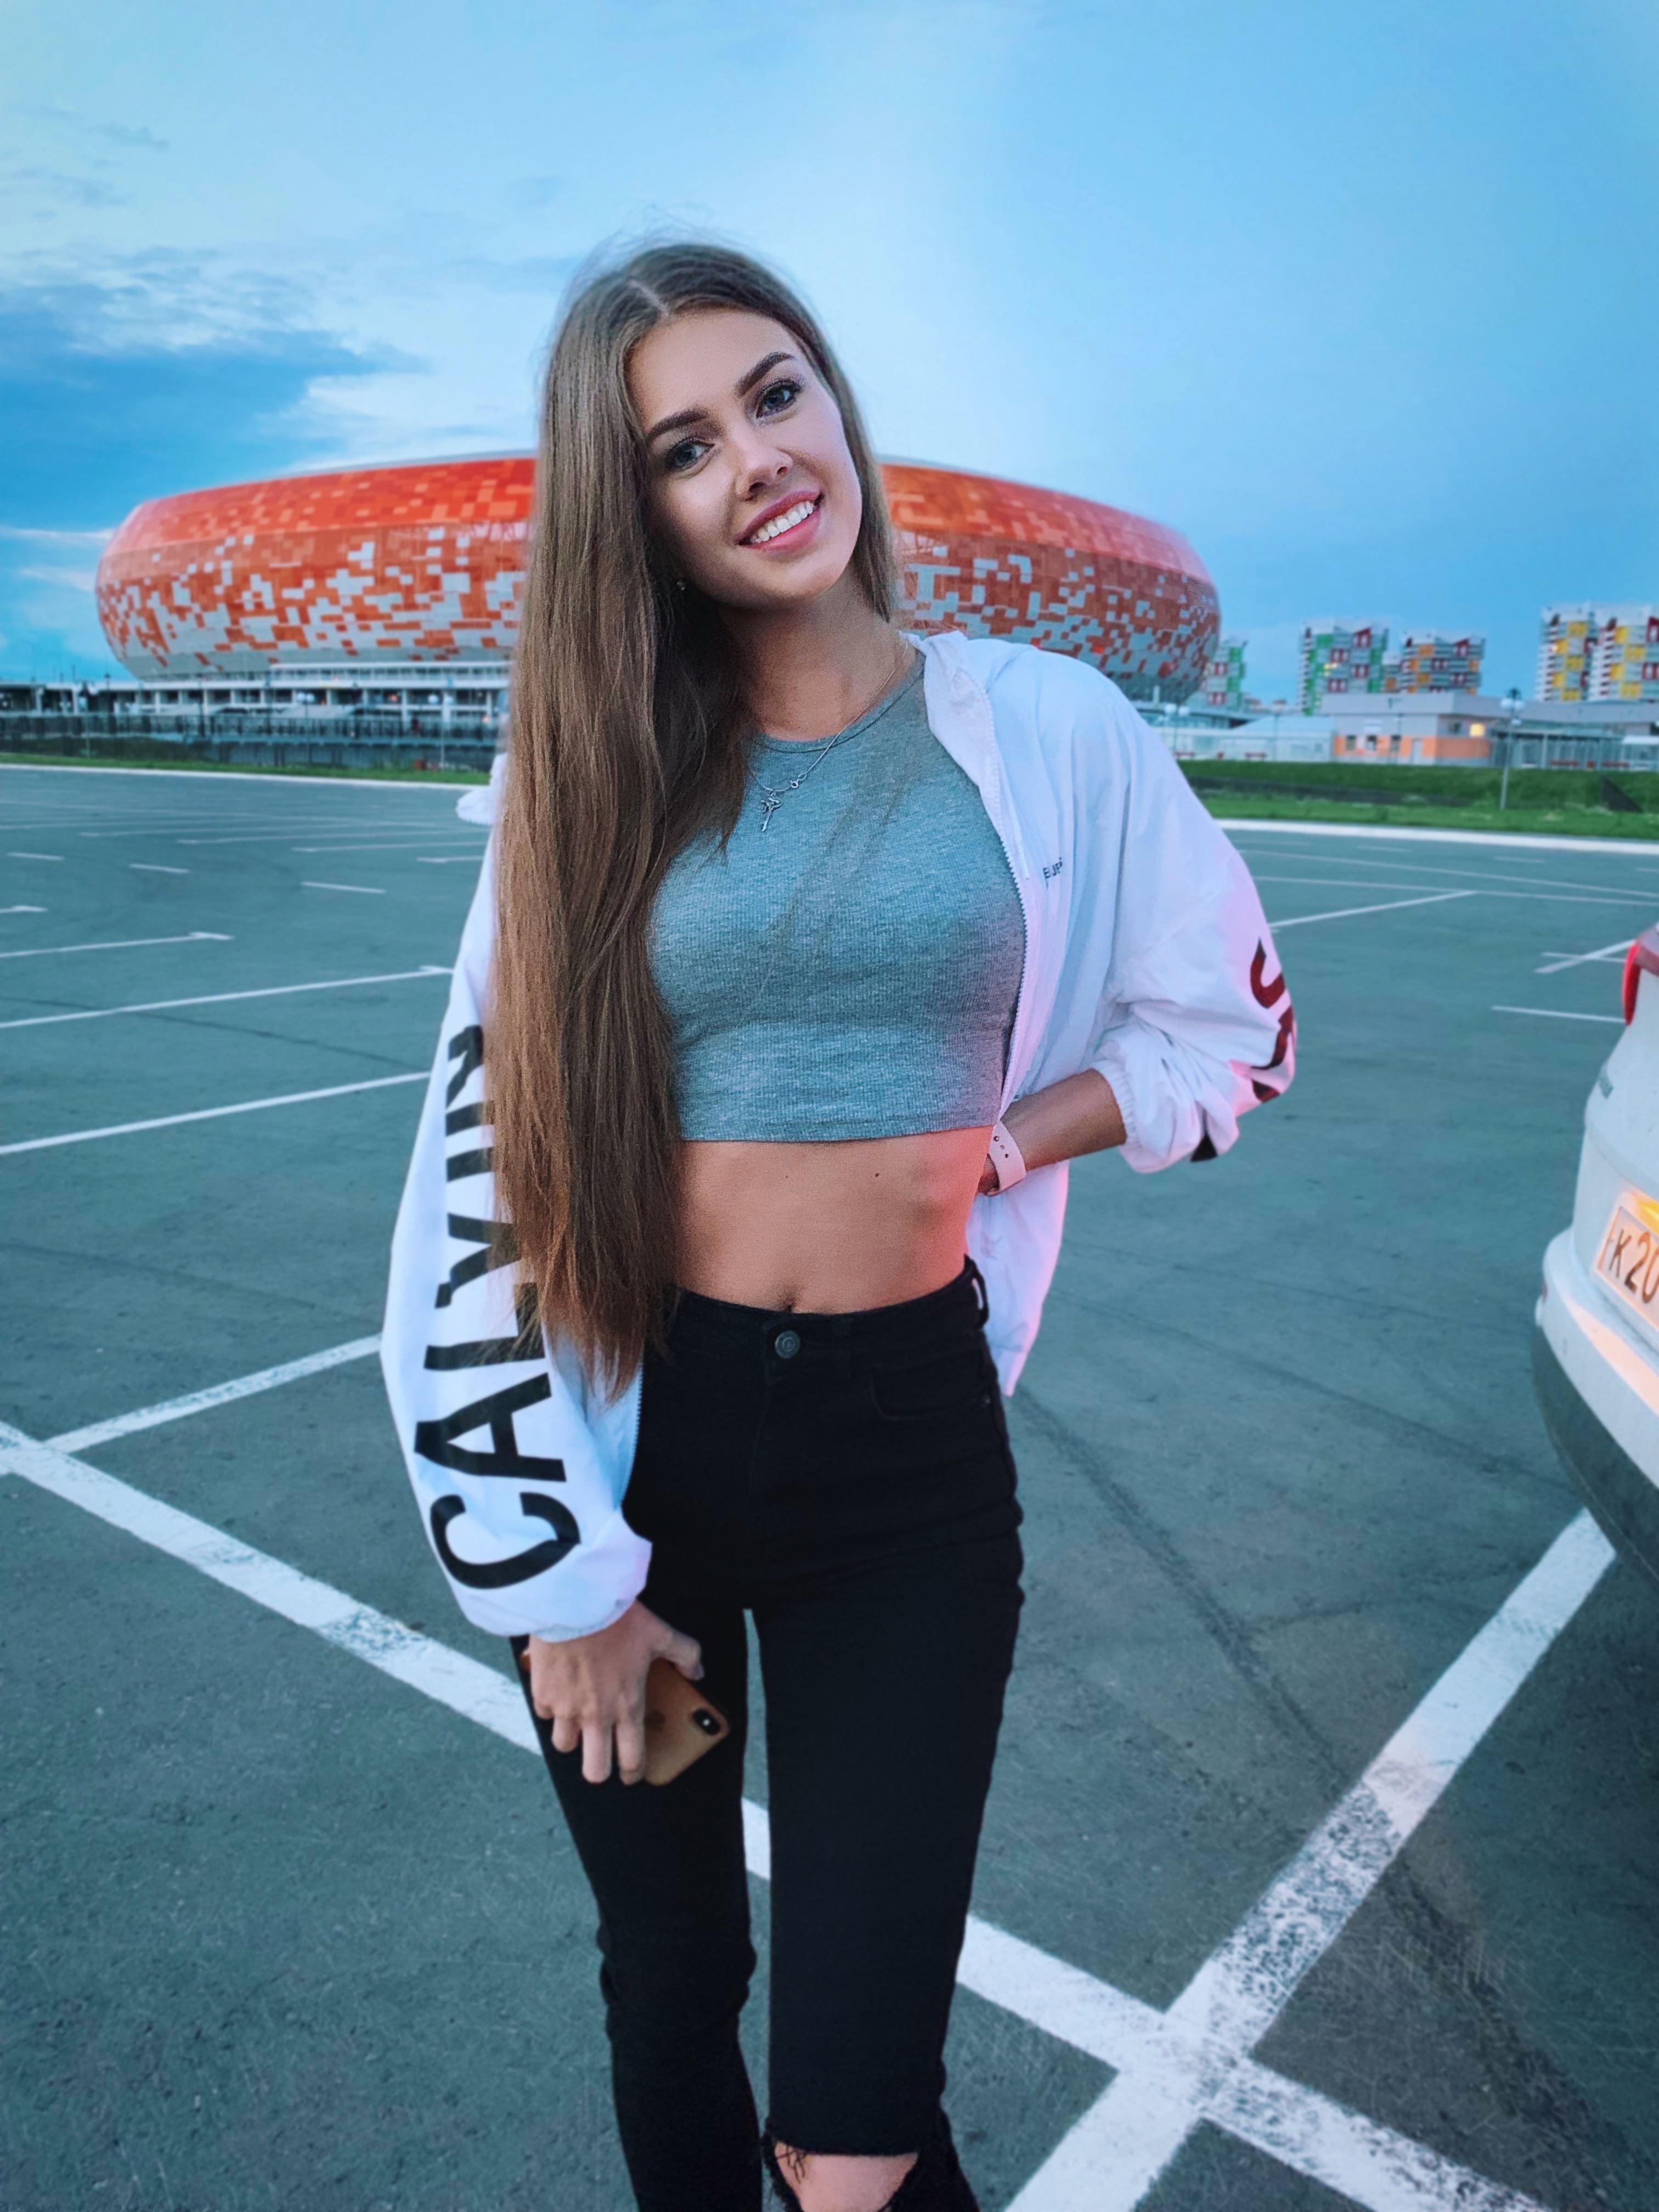 Rencontre avec une belle femme russe, Diana 24 ans